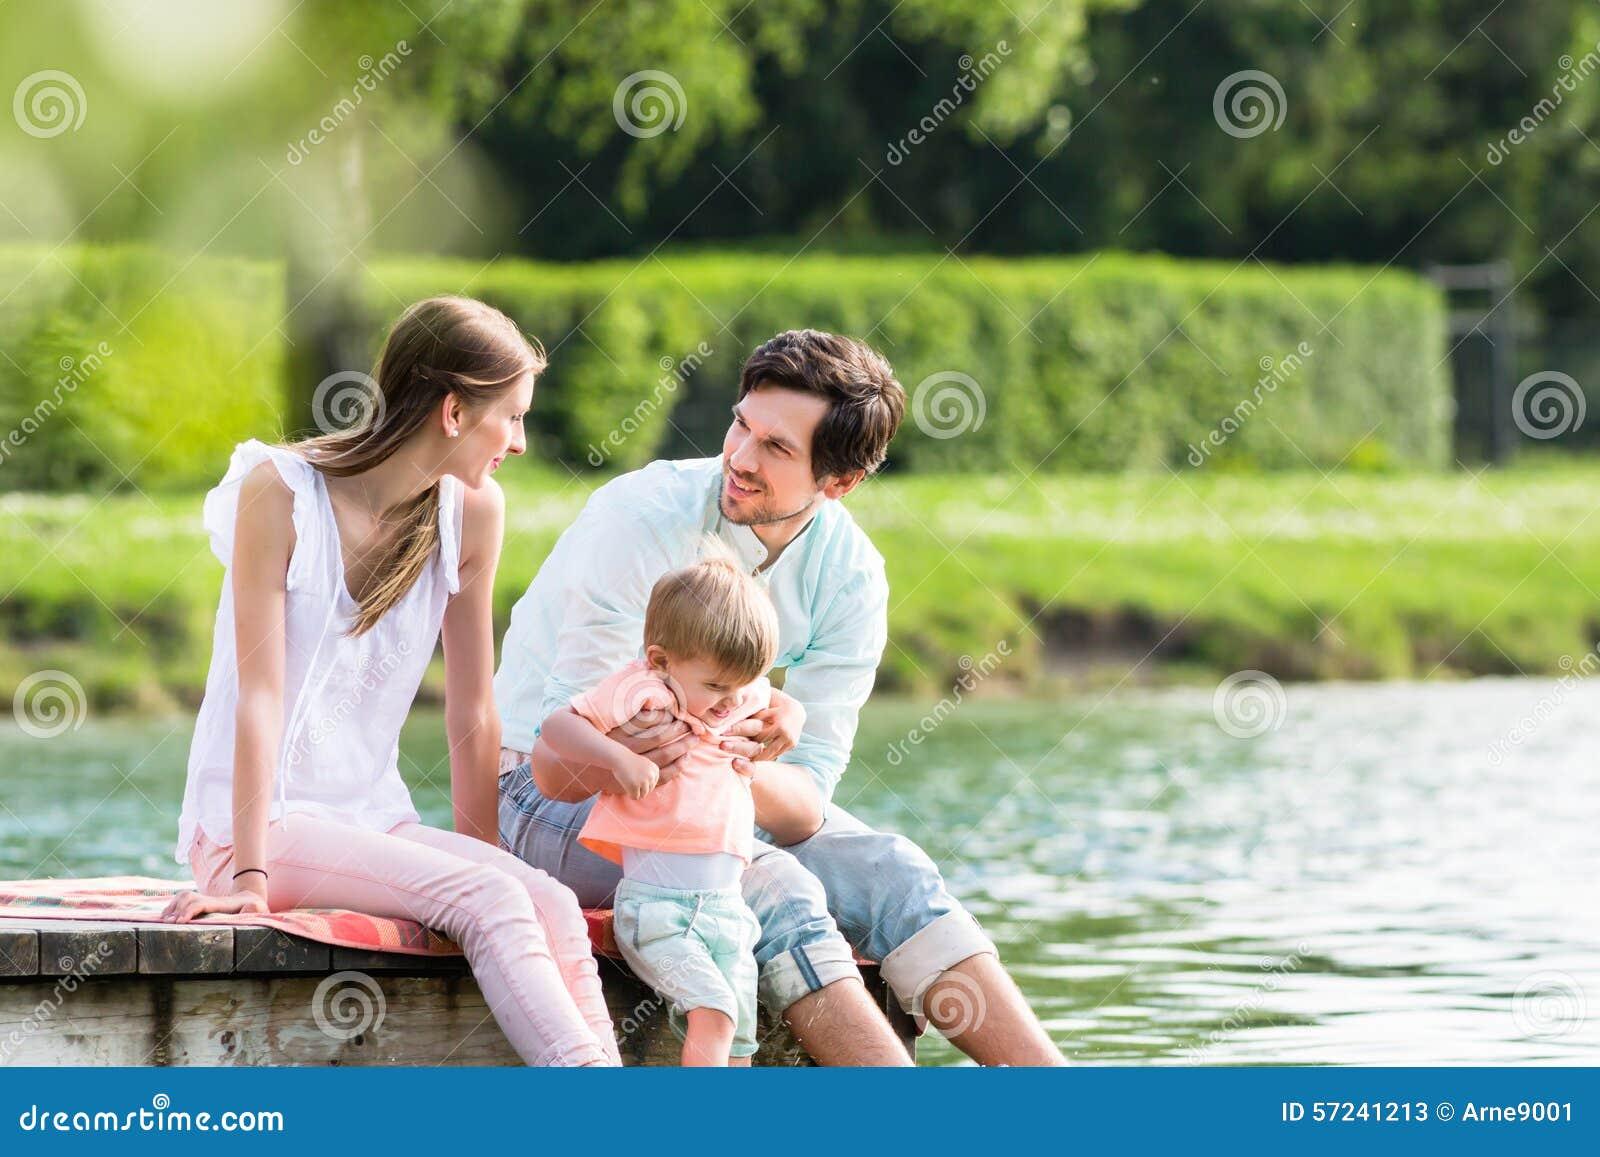 Ευτυχής οικογενειακή συνεδρίαση στο λιμενοβραχίονα στη λίμνη ή τη λίμνη